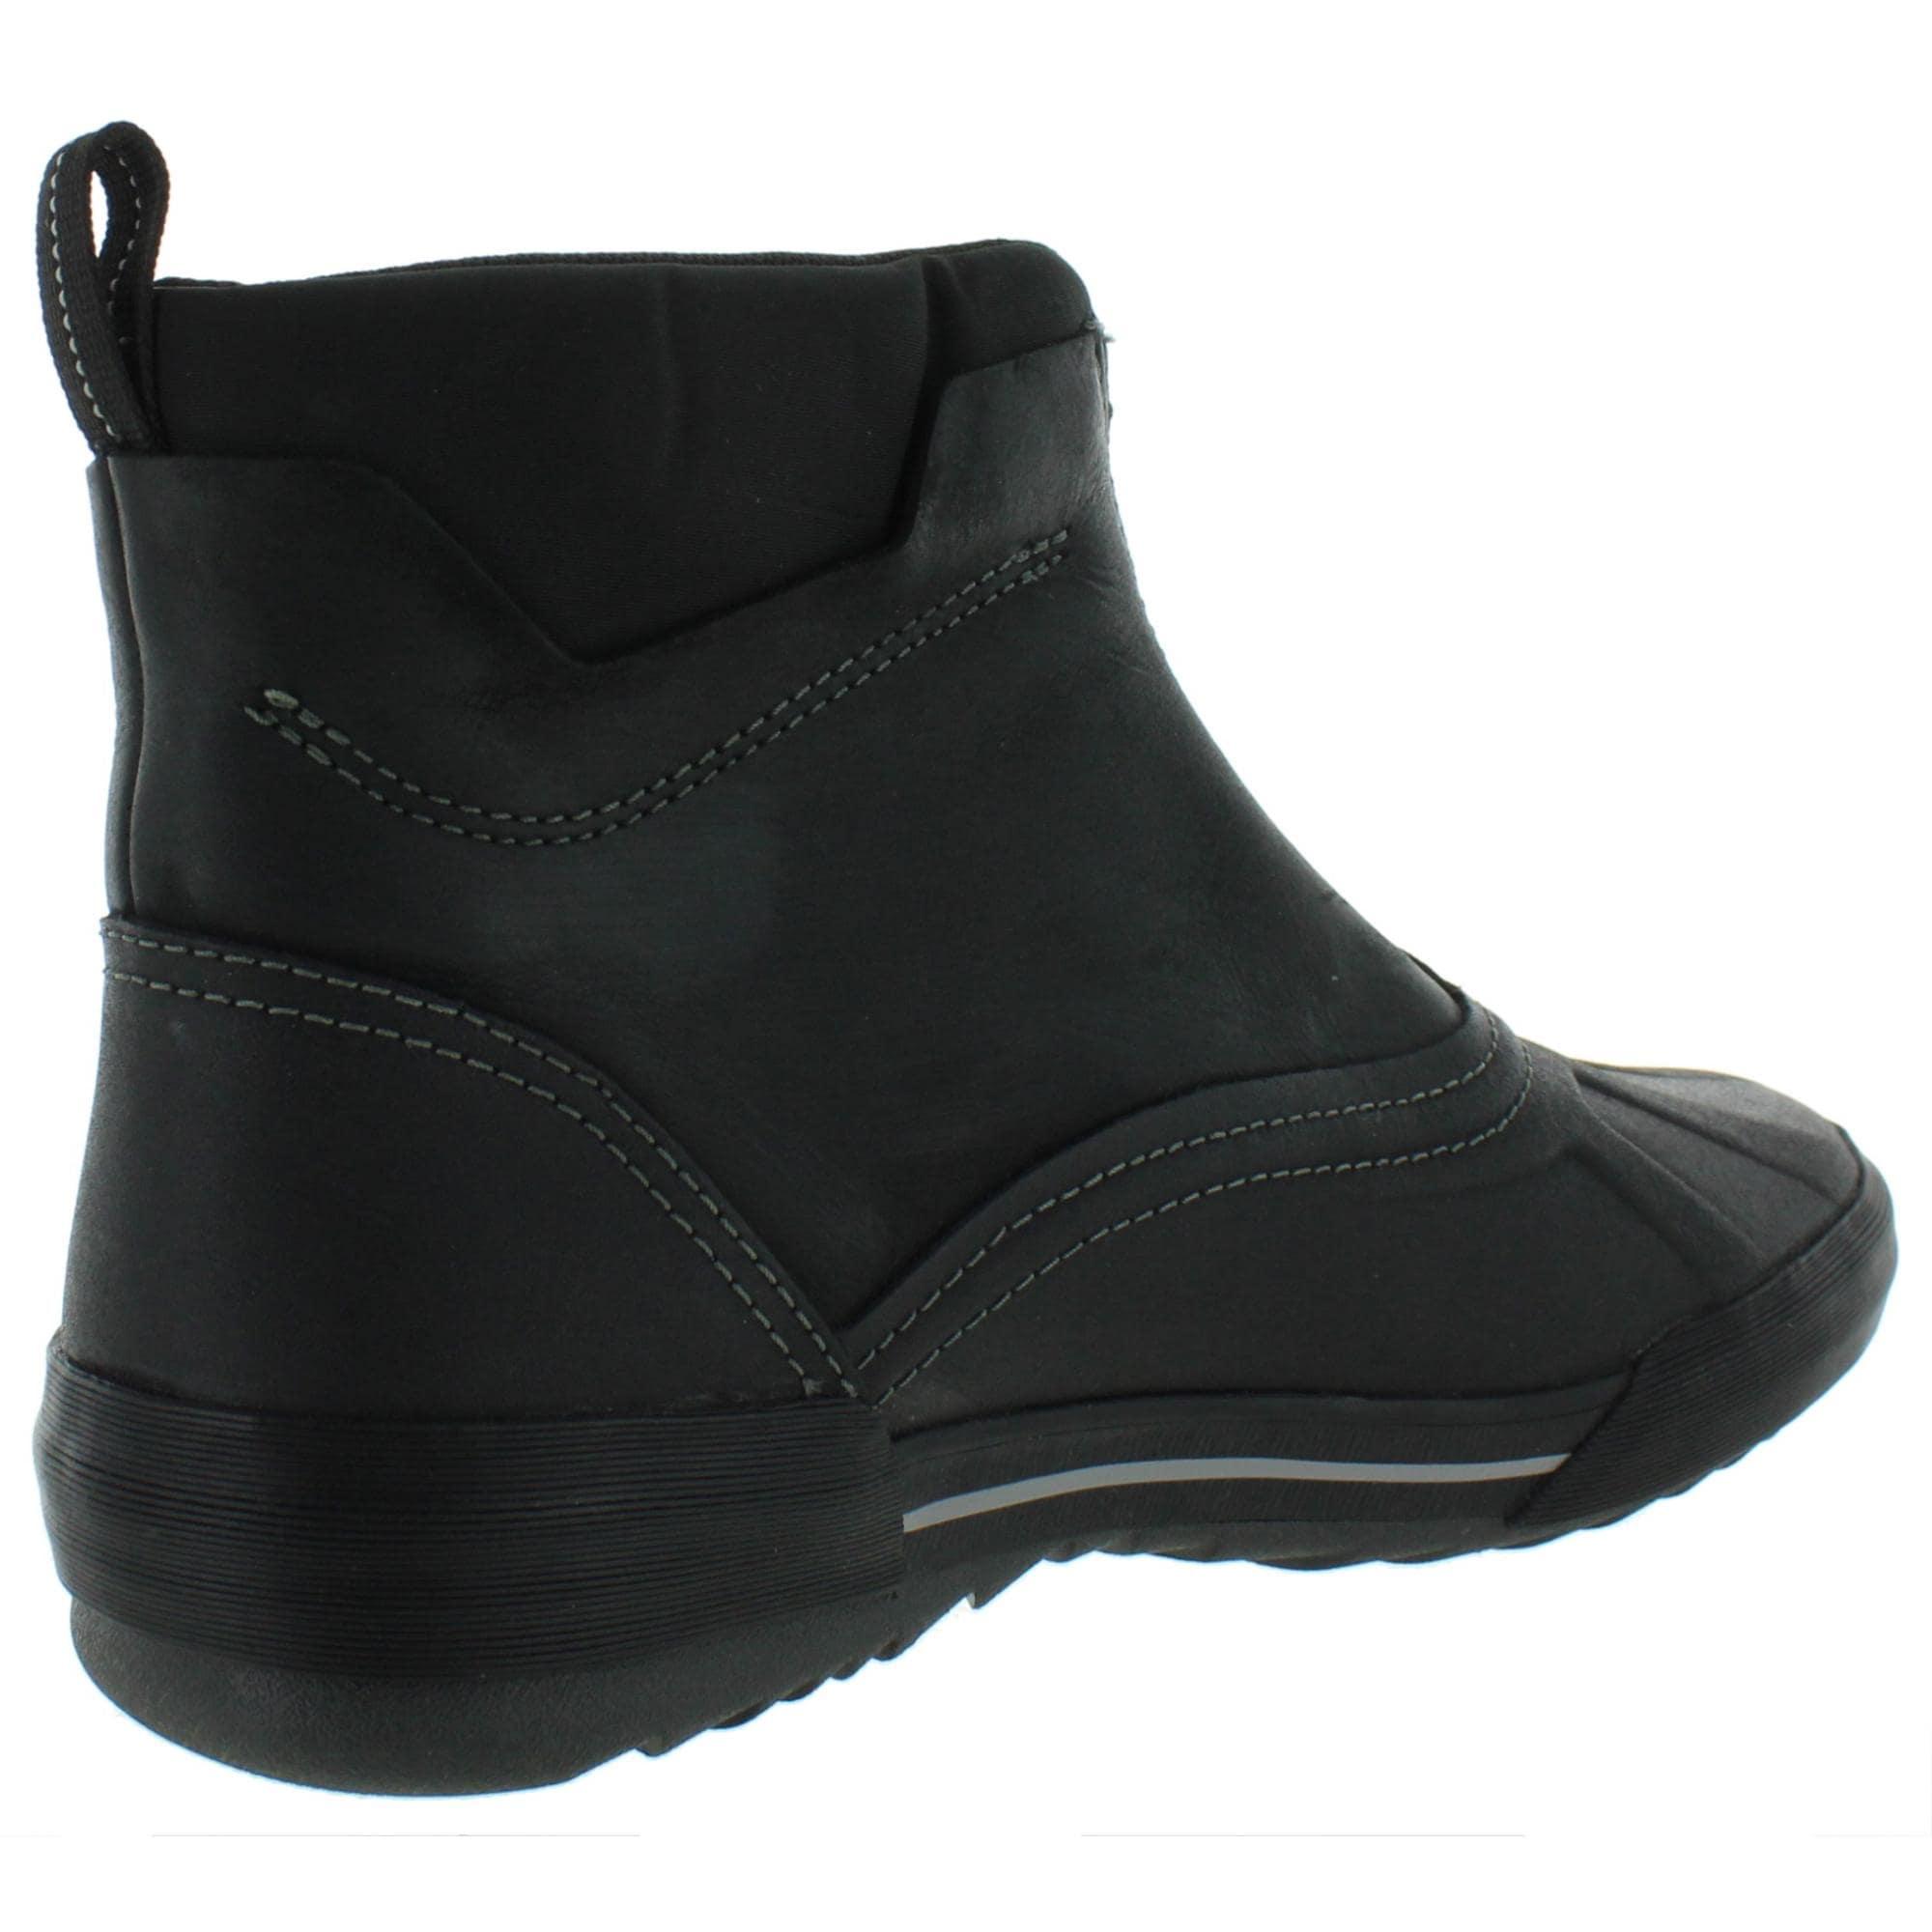 Shop Clarks Mens Bowman Top Ankle Boots